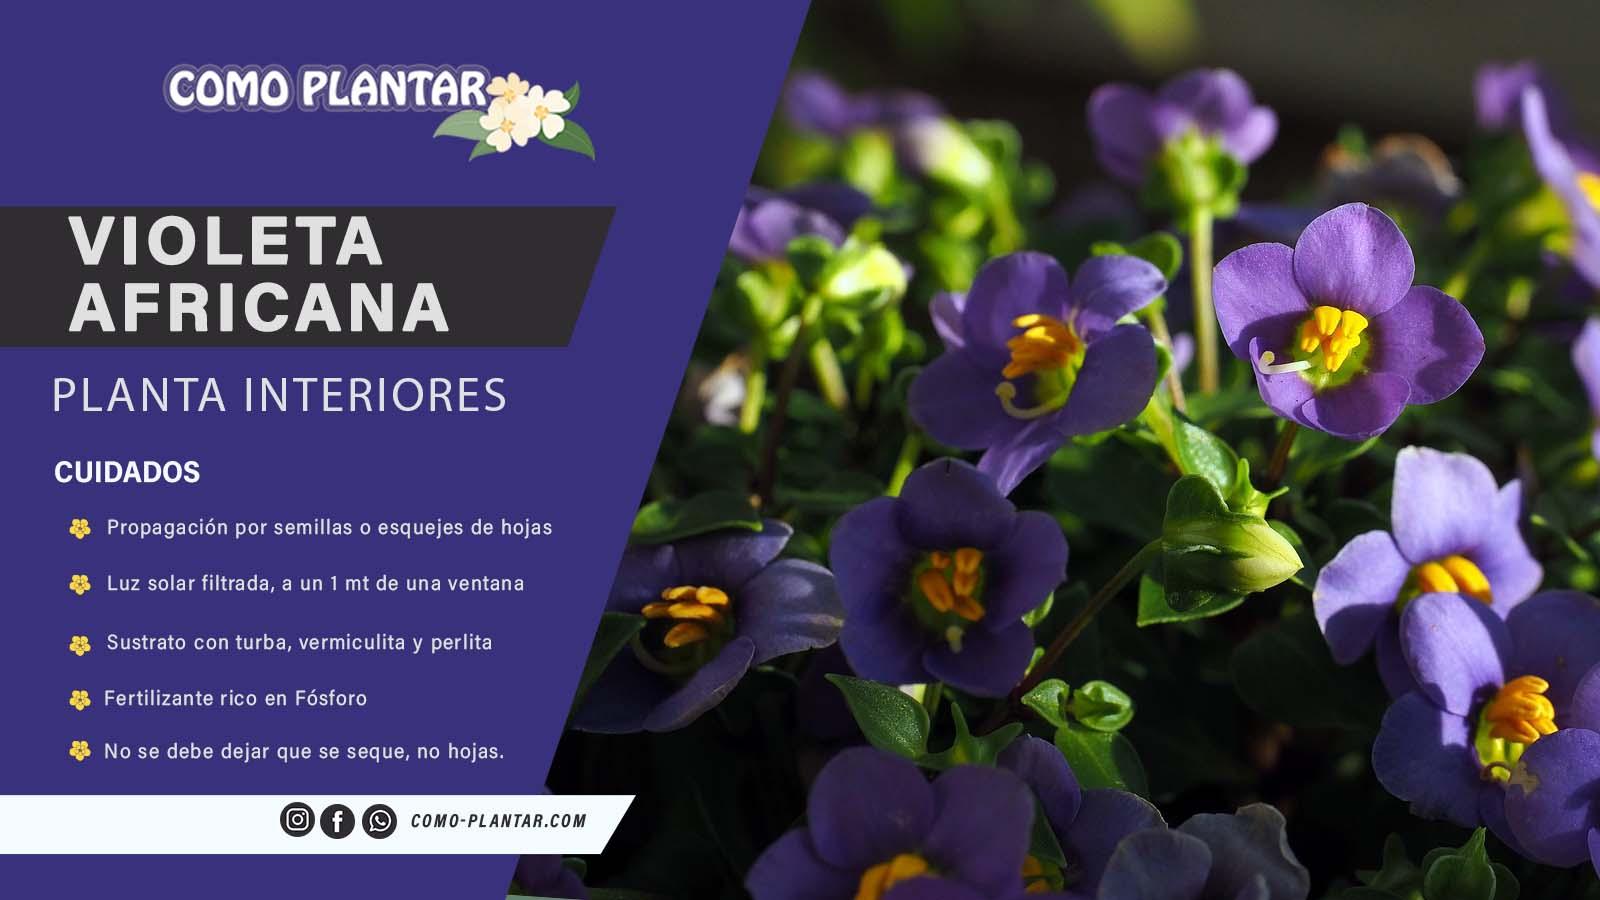 Guía para plantar esta especie floral y cuidados de la violeta africana